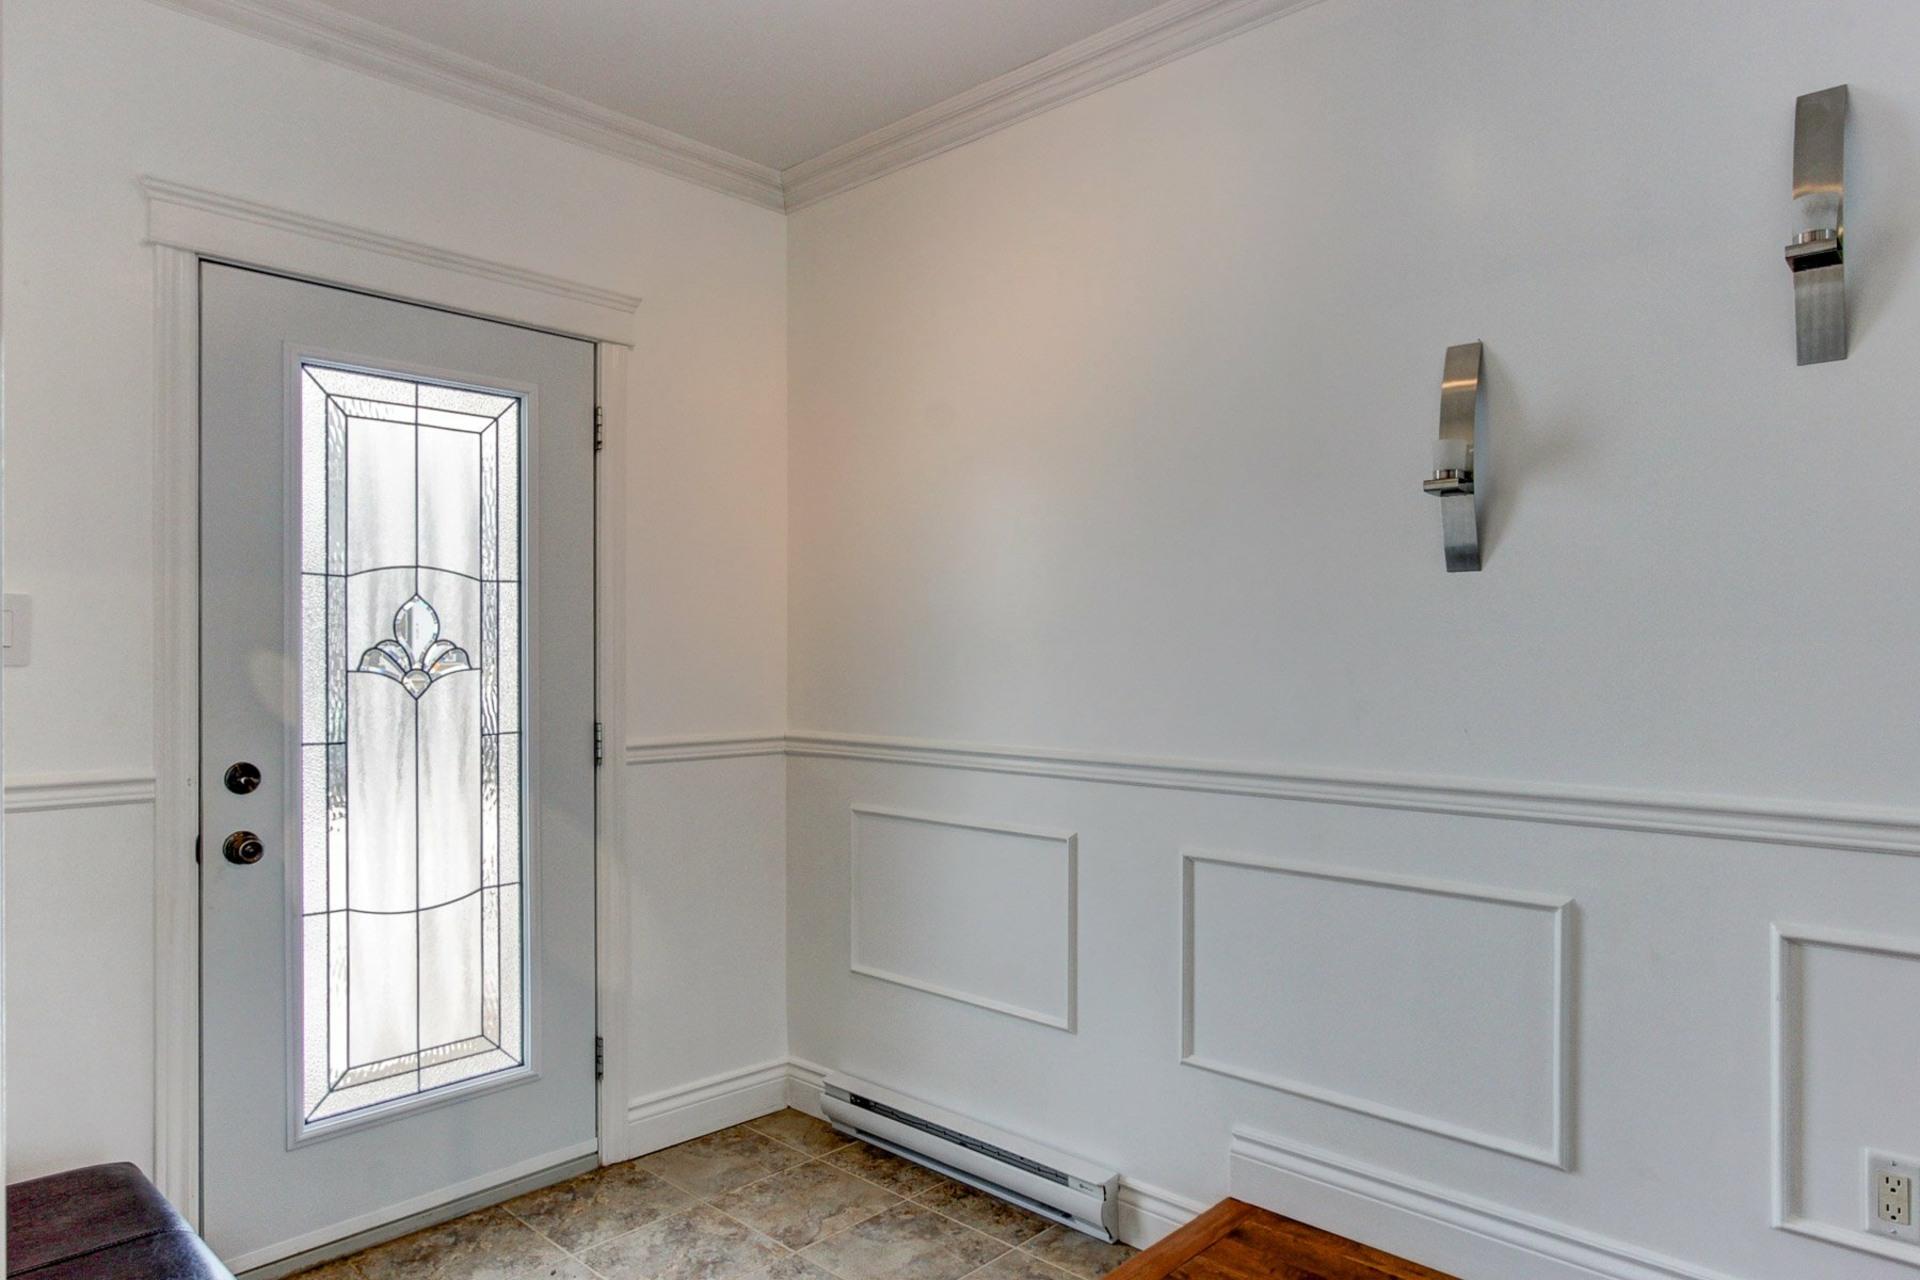 image 11 - Maison À vendre Trois-Rivières - 12 pièces